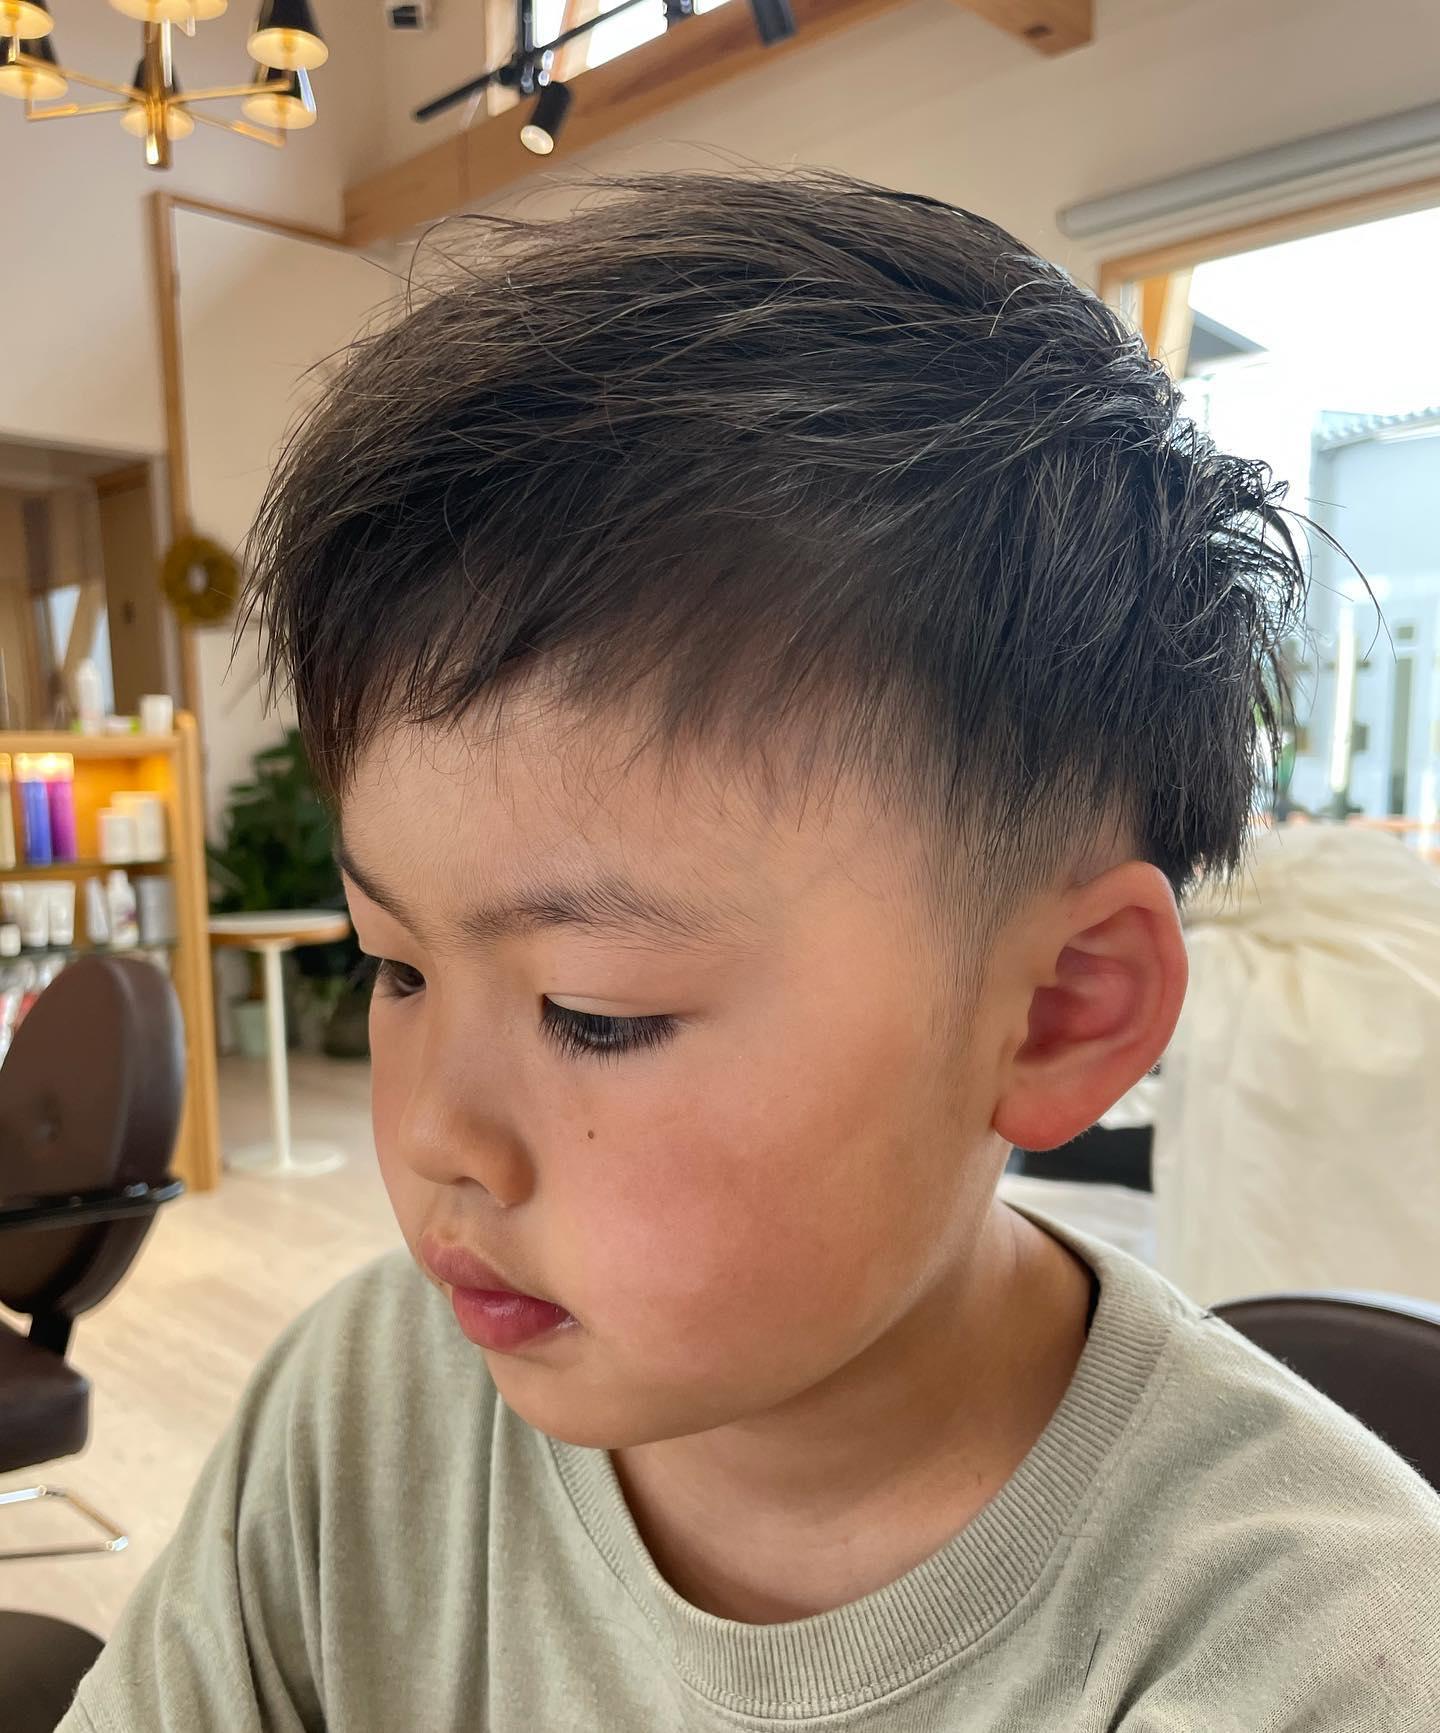 入学と共にかわいいも卒業してカッコいいに😎でもやっぱりいつまでもかわいいいつもありがとうございます🥰#totti #hair #color #perm #cut #hairstyle #haircolor #hairarrange #stylist #care #carelist #aujua #イルミナカラー #headspa #treatment #美容院